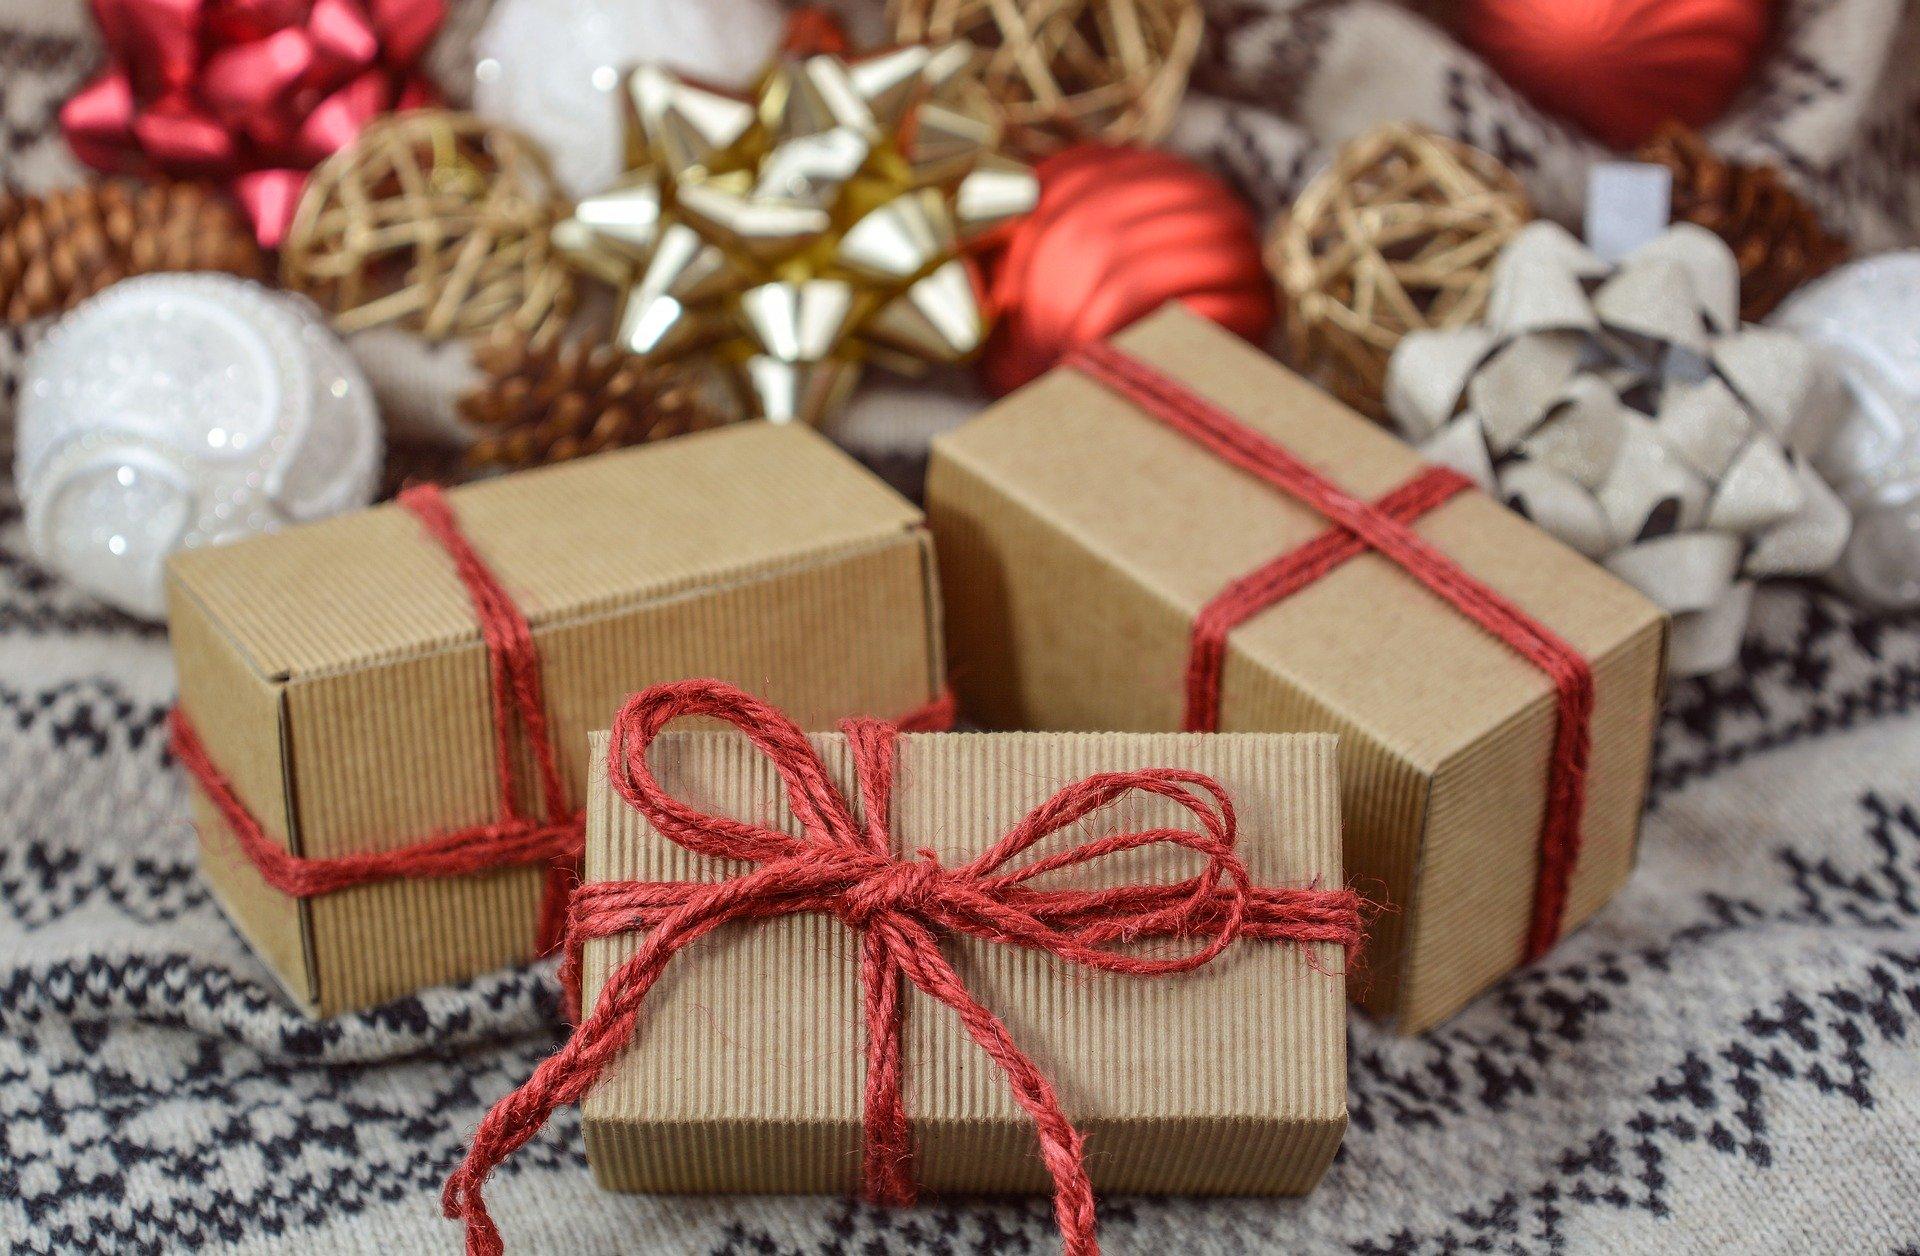 Regali Di Natale Sotto 10 Euro.Regali Di Natale Economici E Originali Sotto Ai 10 Prontivaligiaevia